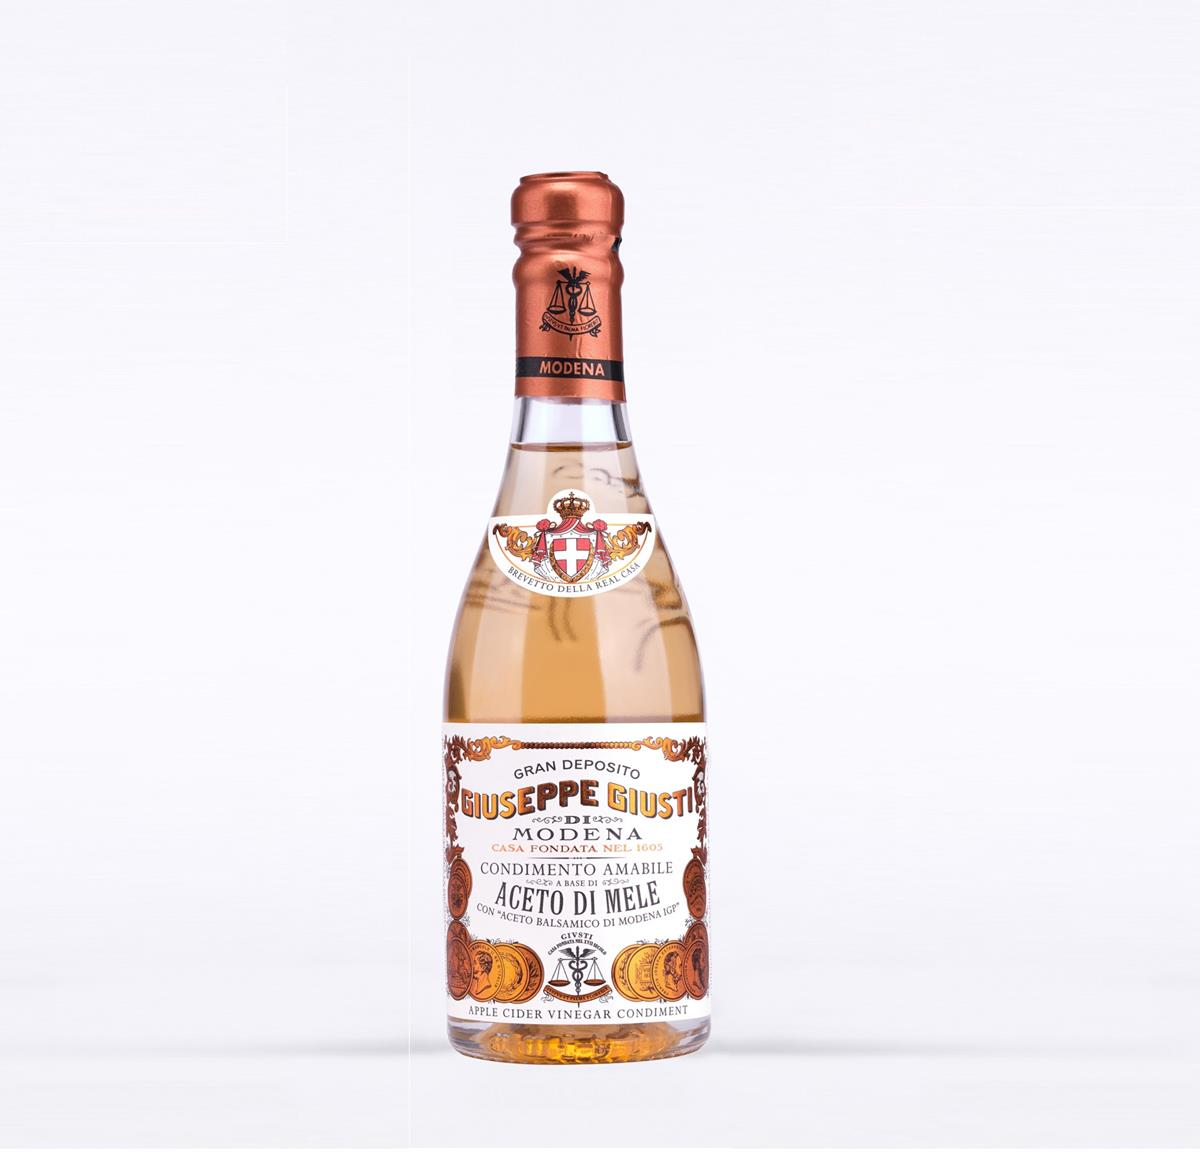 Amabile condiment based on Apple Vinegar and Balsamic Vinegar of Modena 250 ml